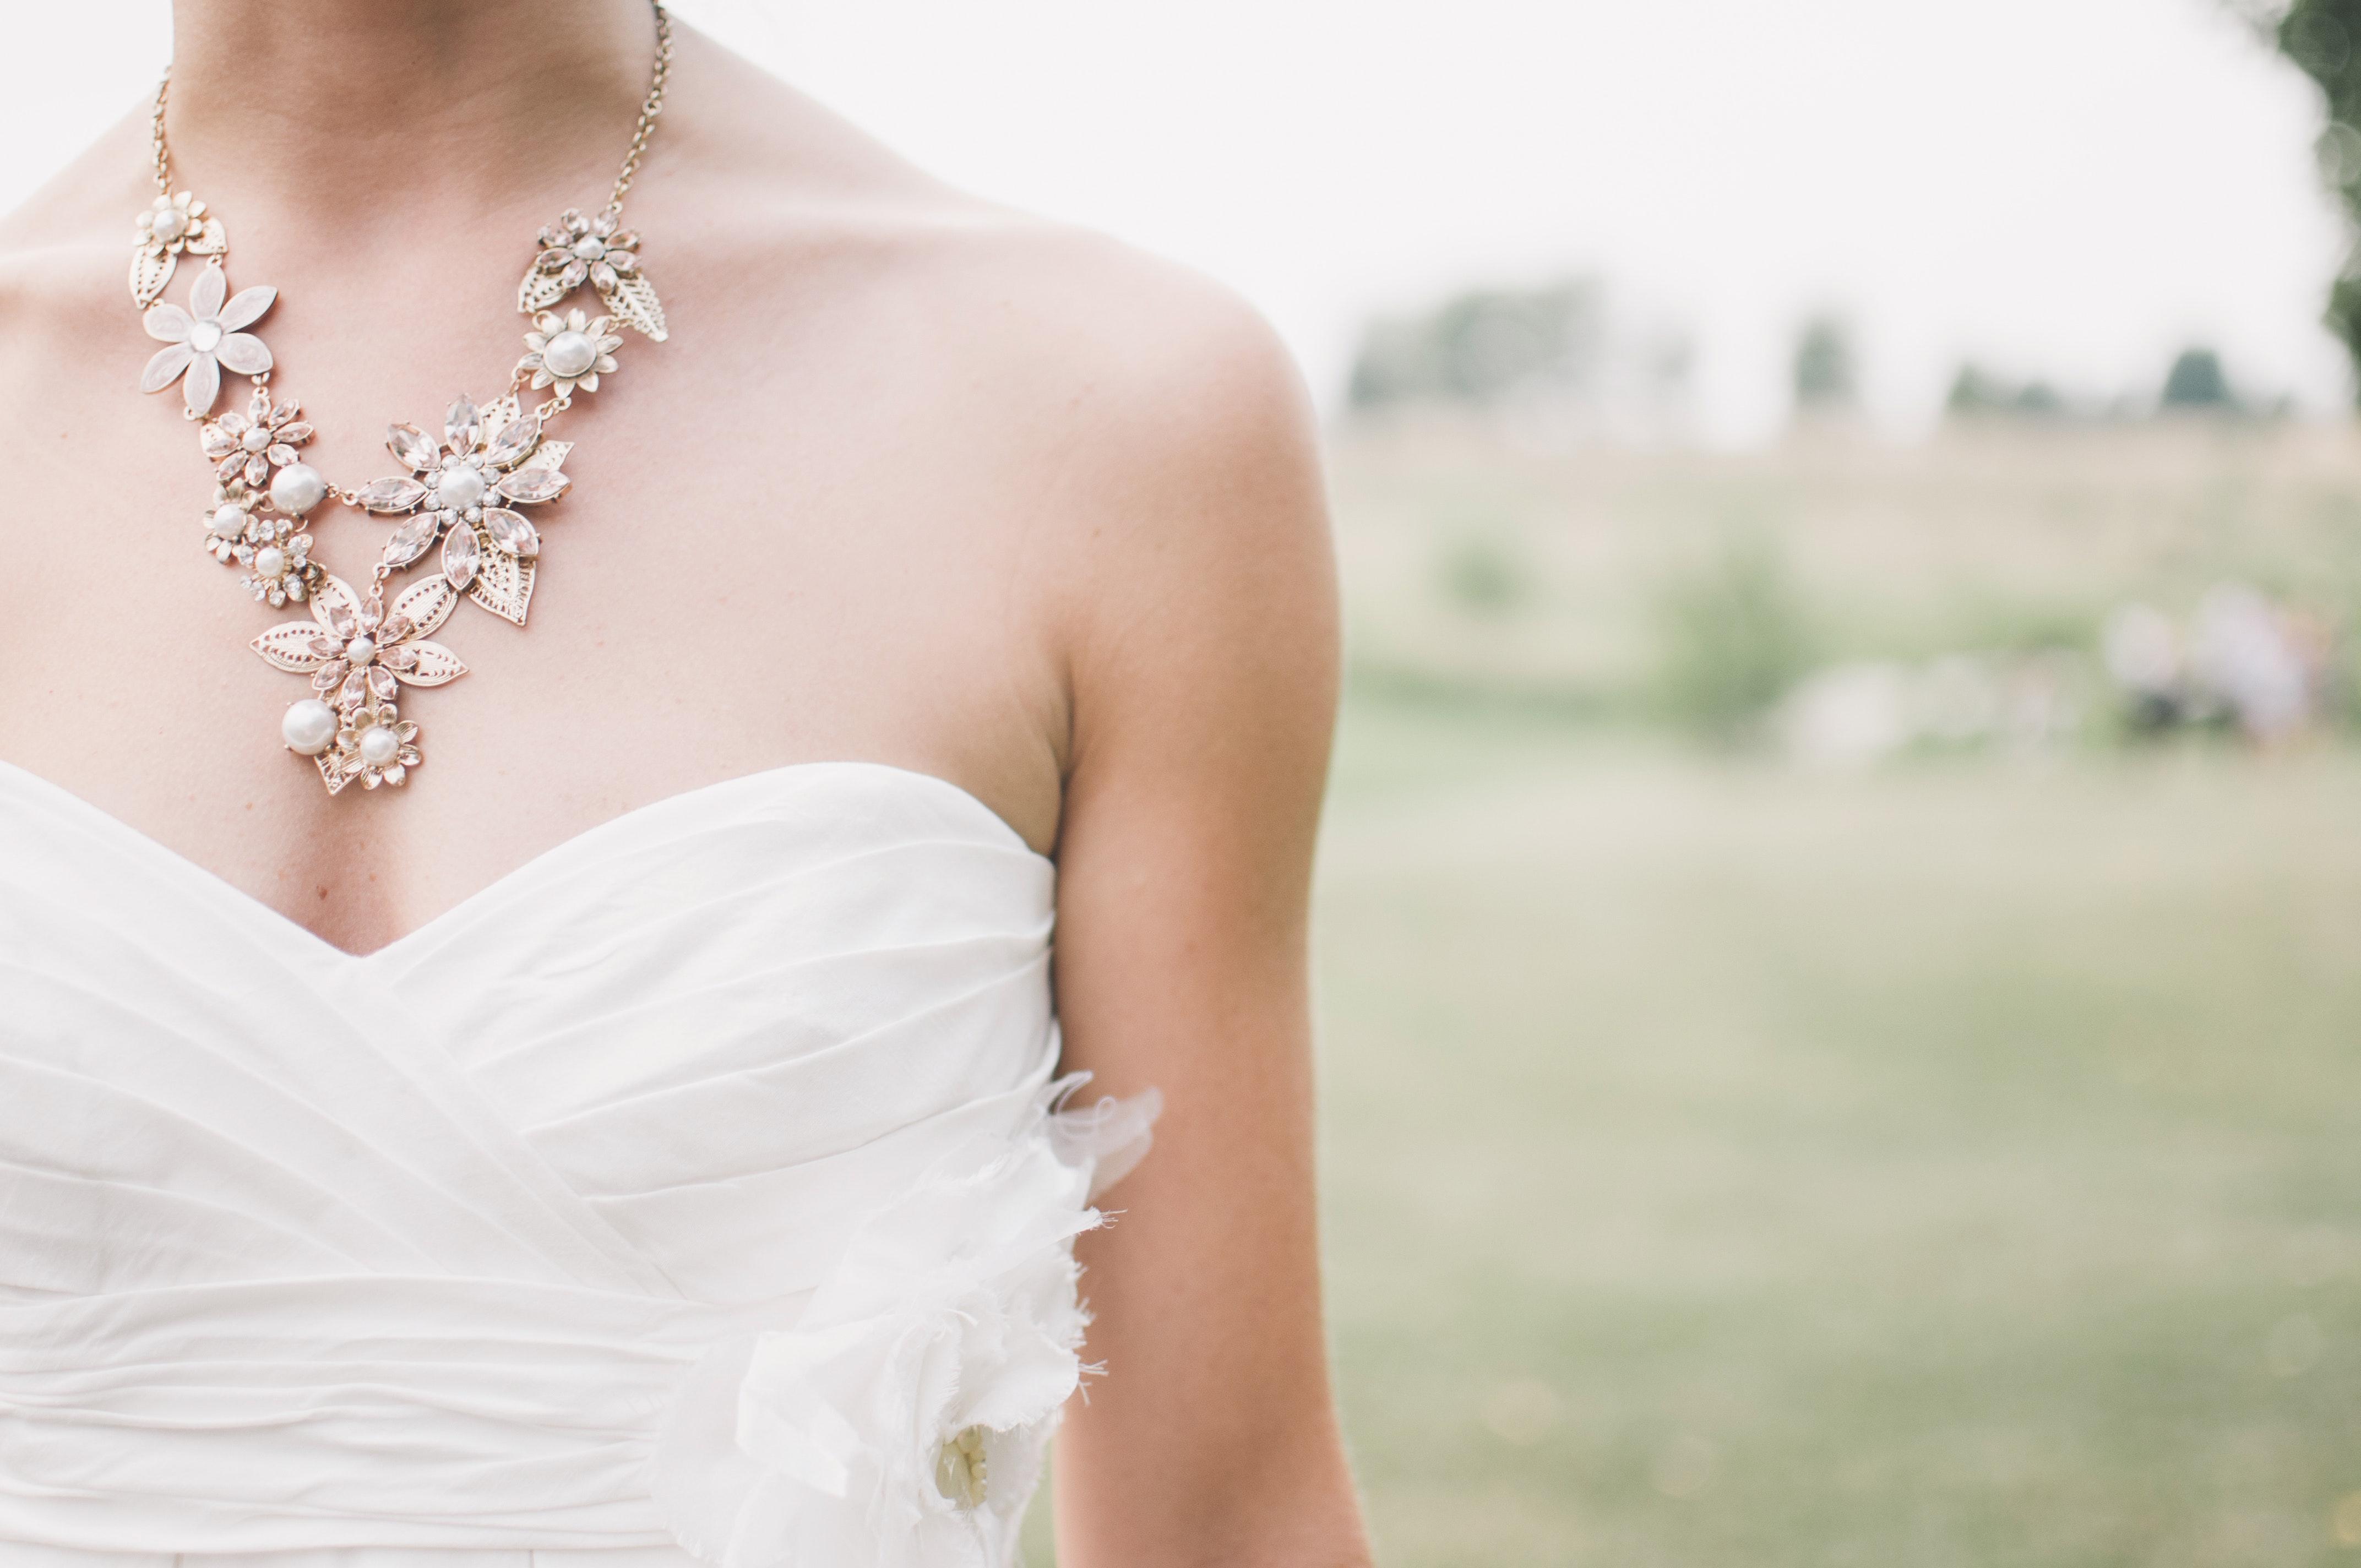 Kostenloses Foto zum Thema: frau, halskette, hochzeitskleid